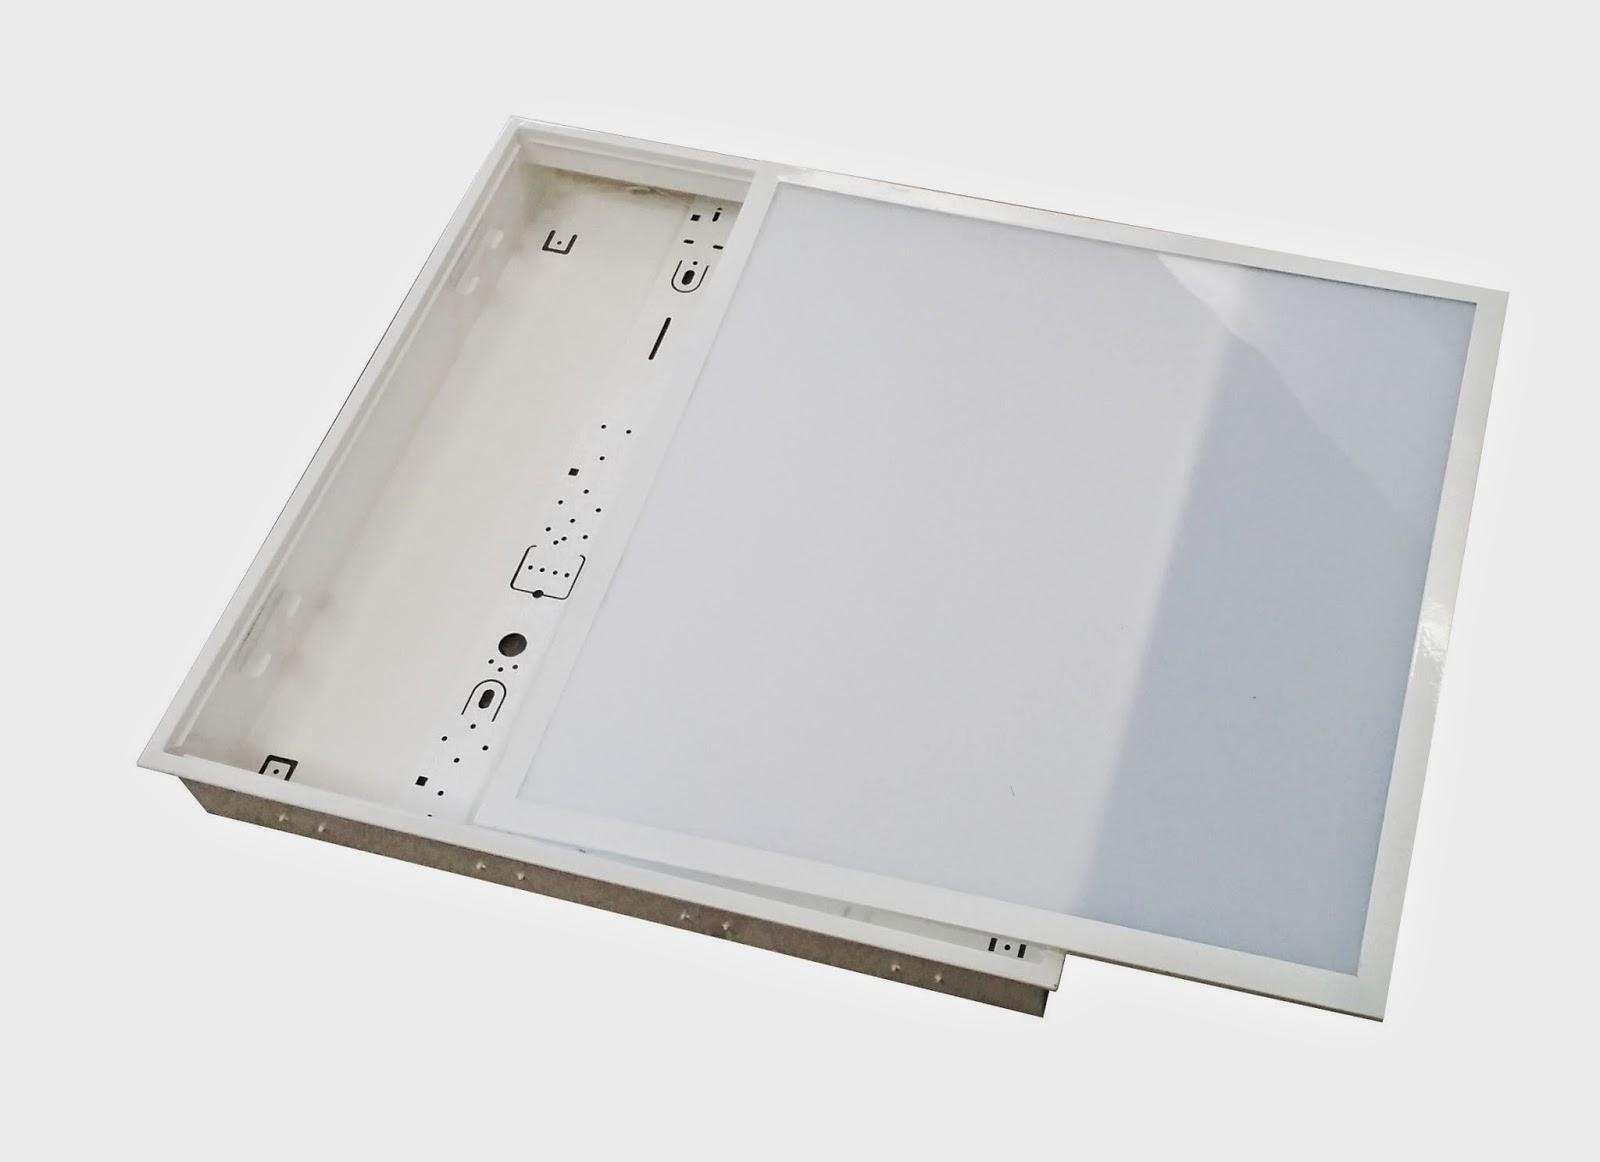 Plafoniere Da Incasso : Illuminazione led plafoniera da incasso con ottica opalina per